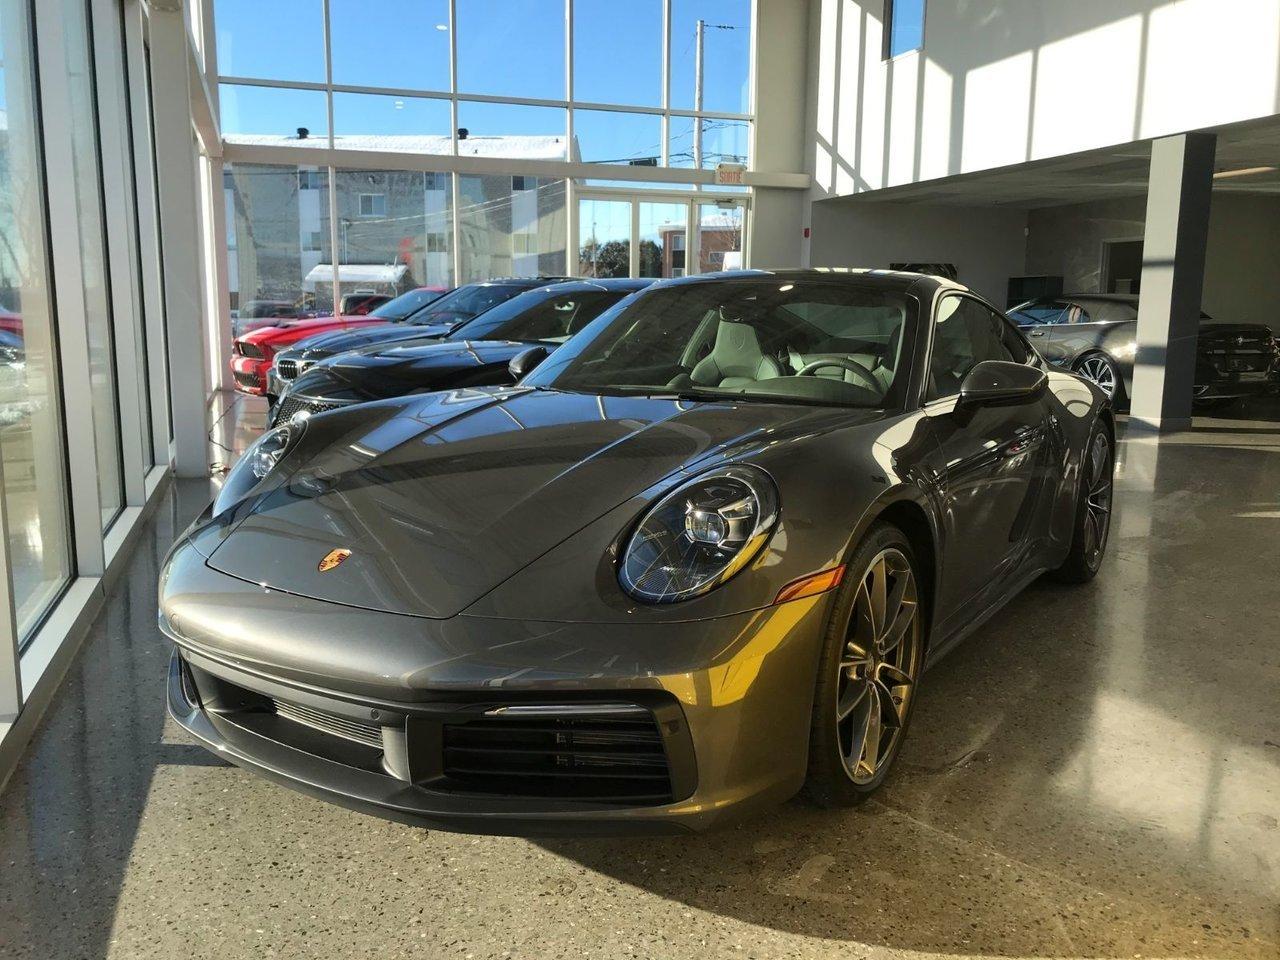 2020 Porsche  911 S CHRONO PDK 21'' SPORT EXHAUST REAR DIRECTIO